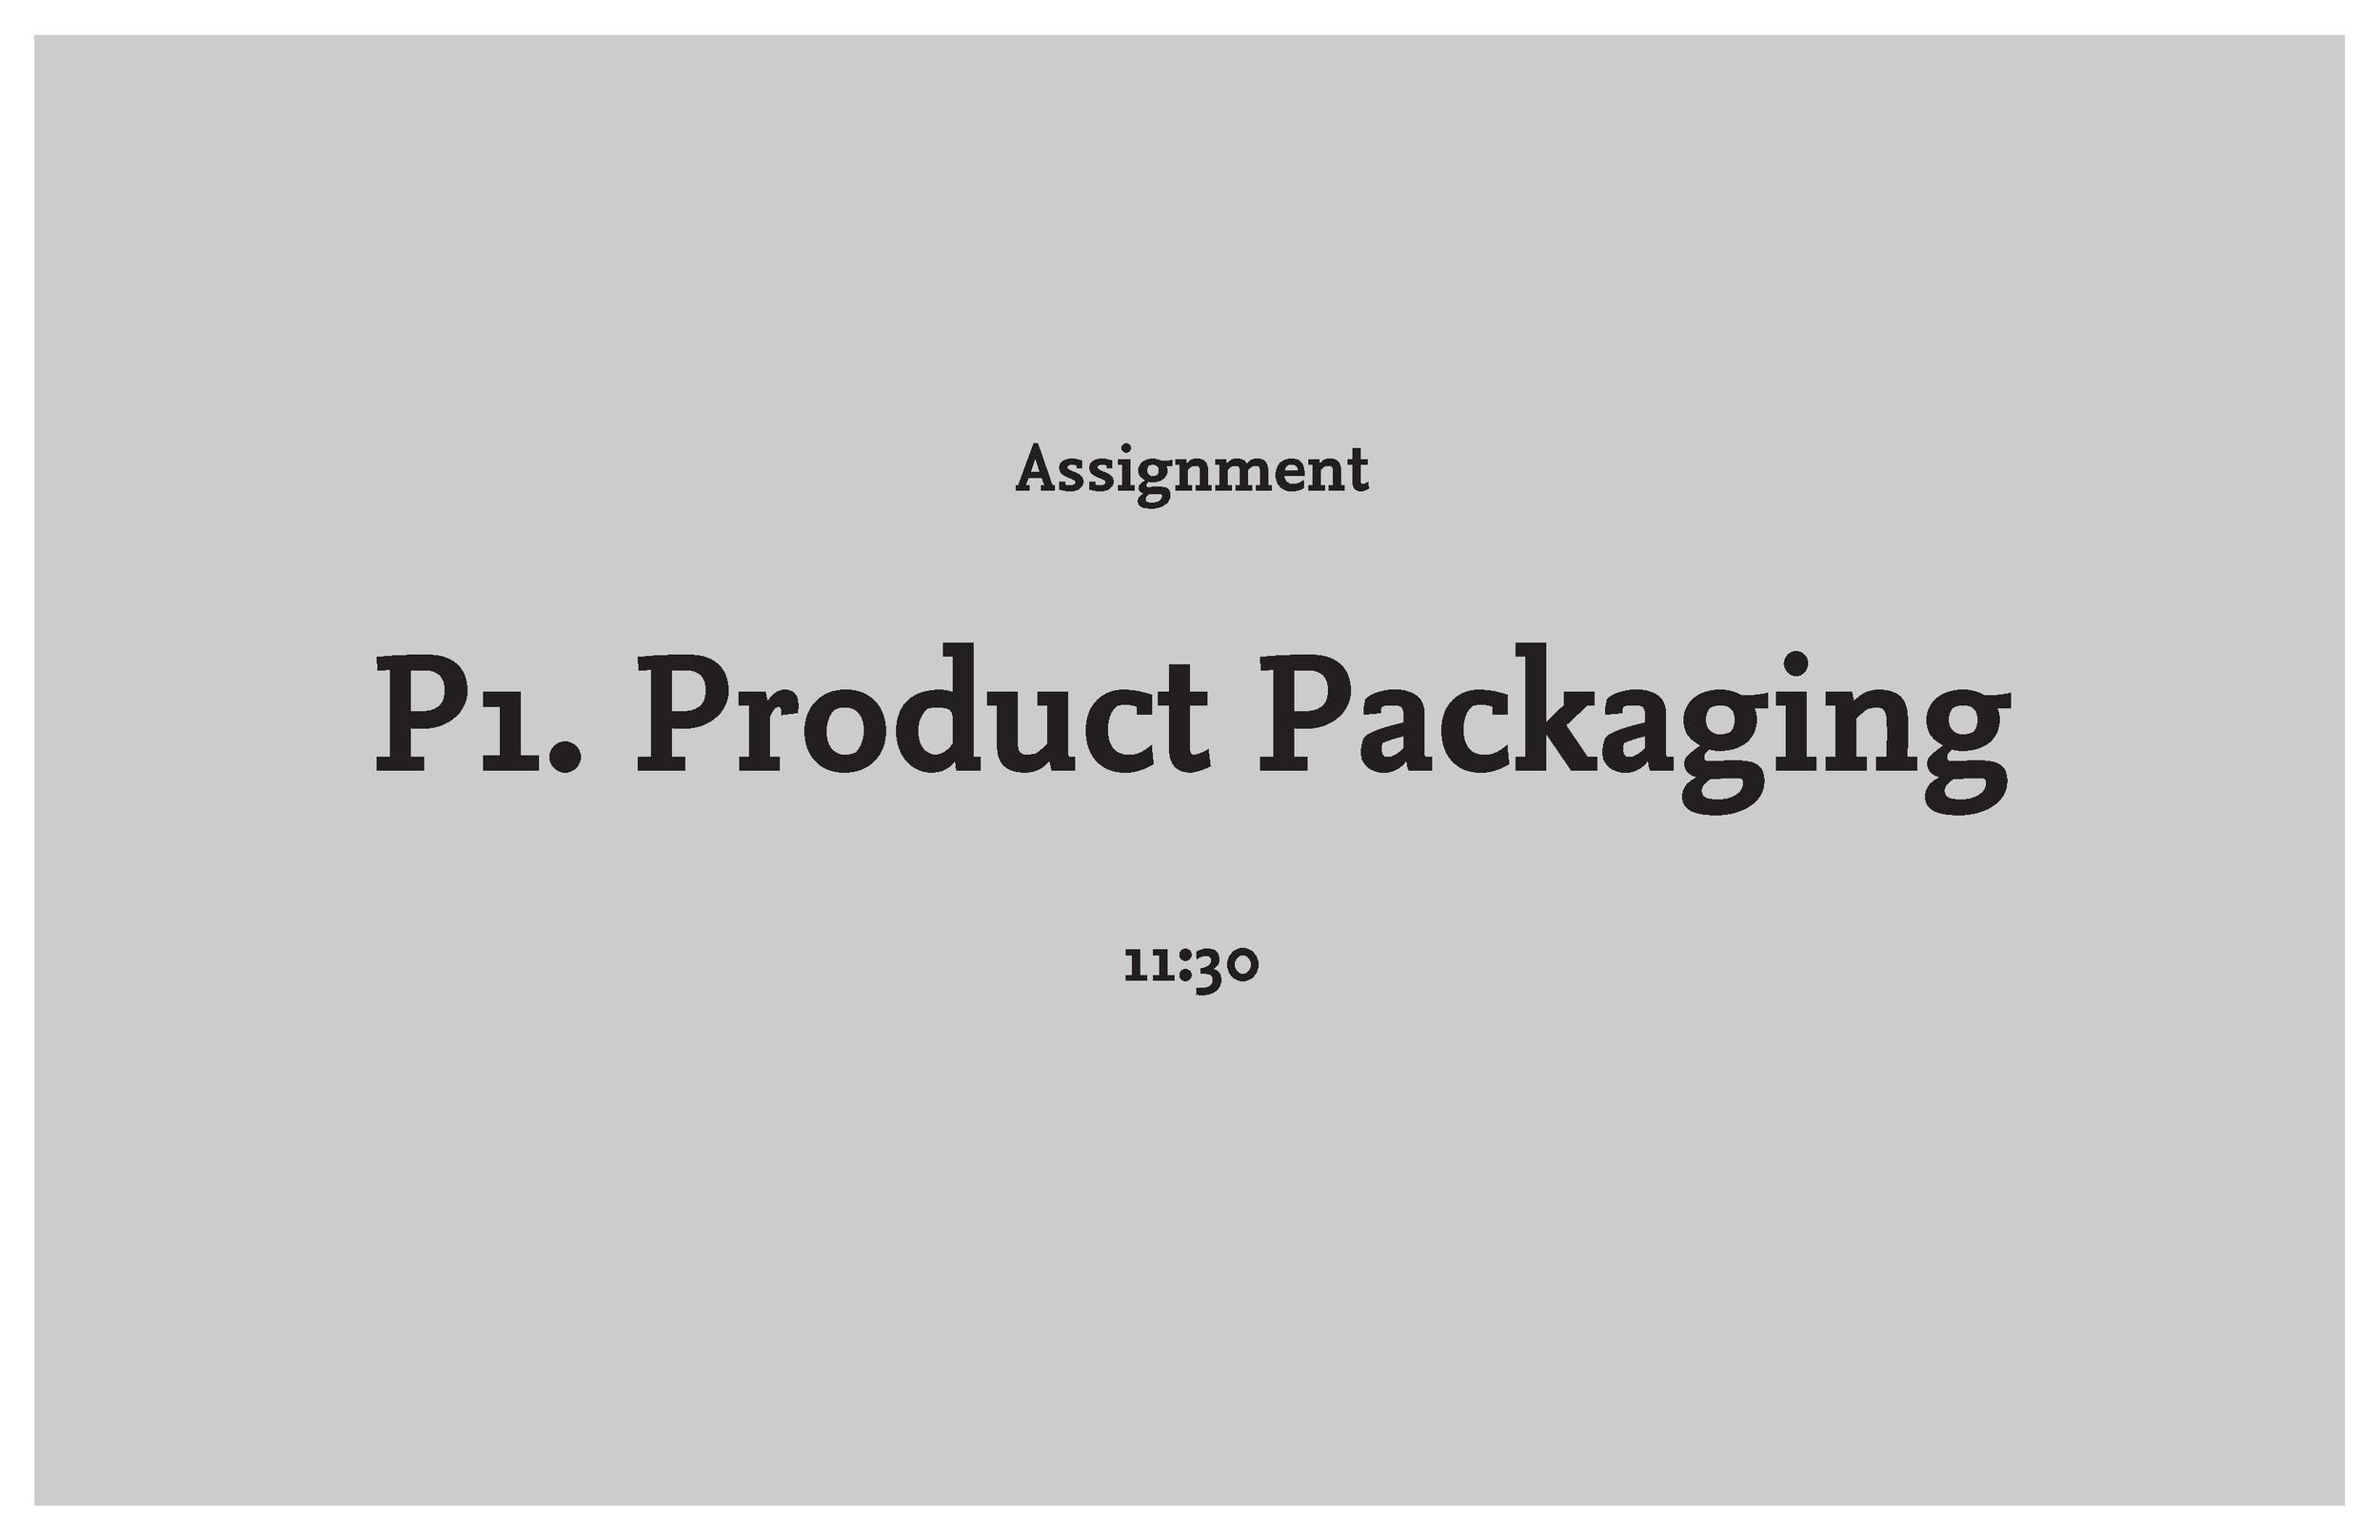 PEM_S19_Week_4_1_Page_32.png